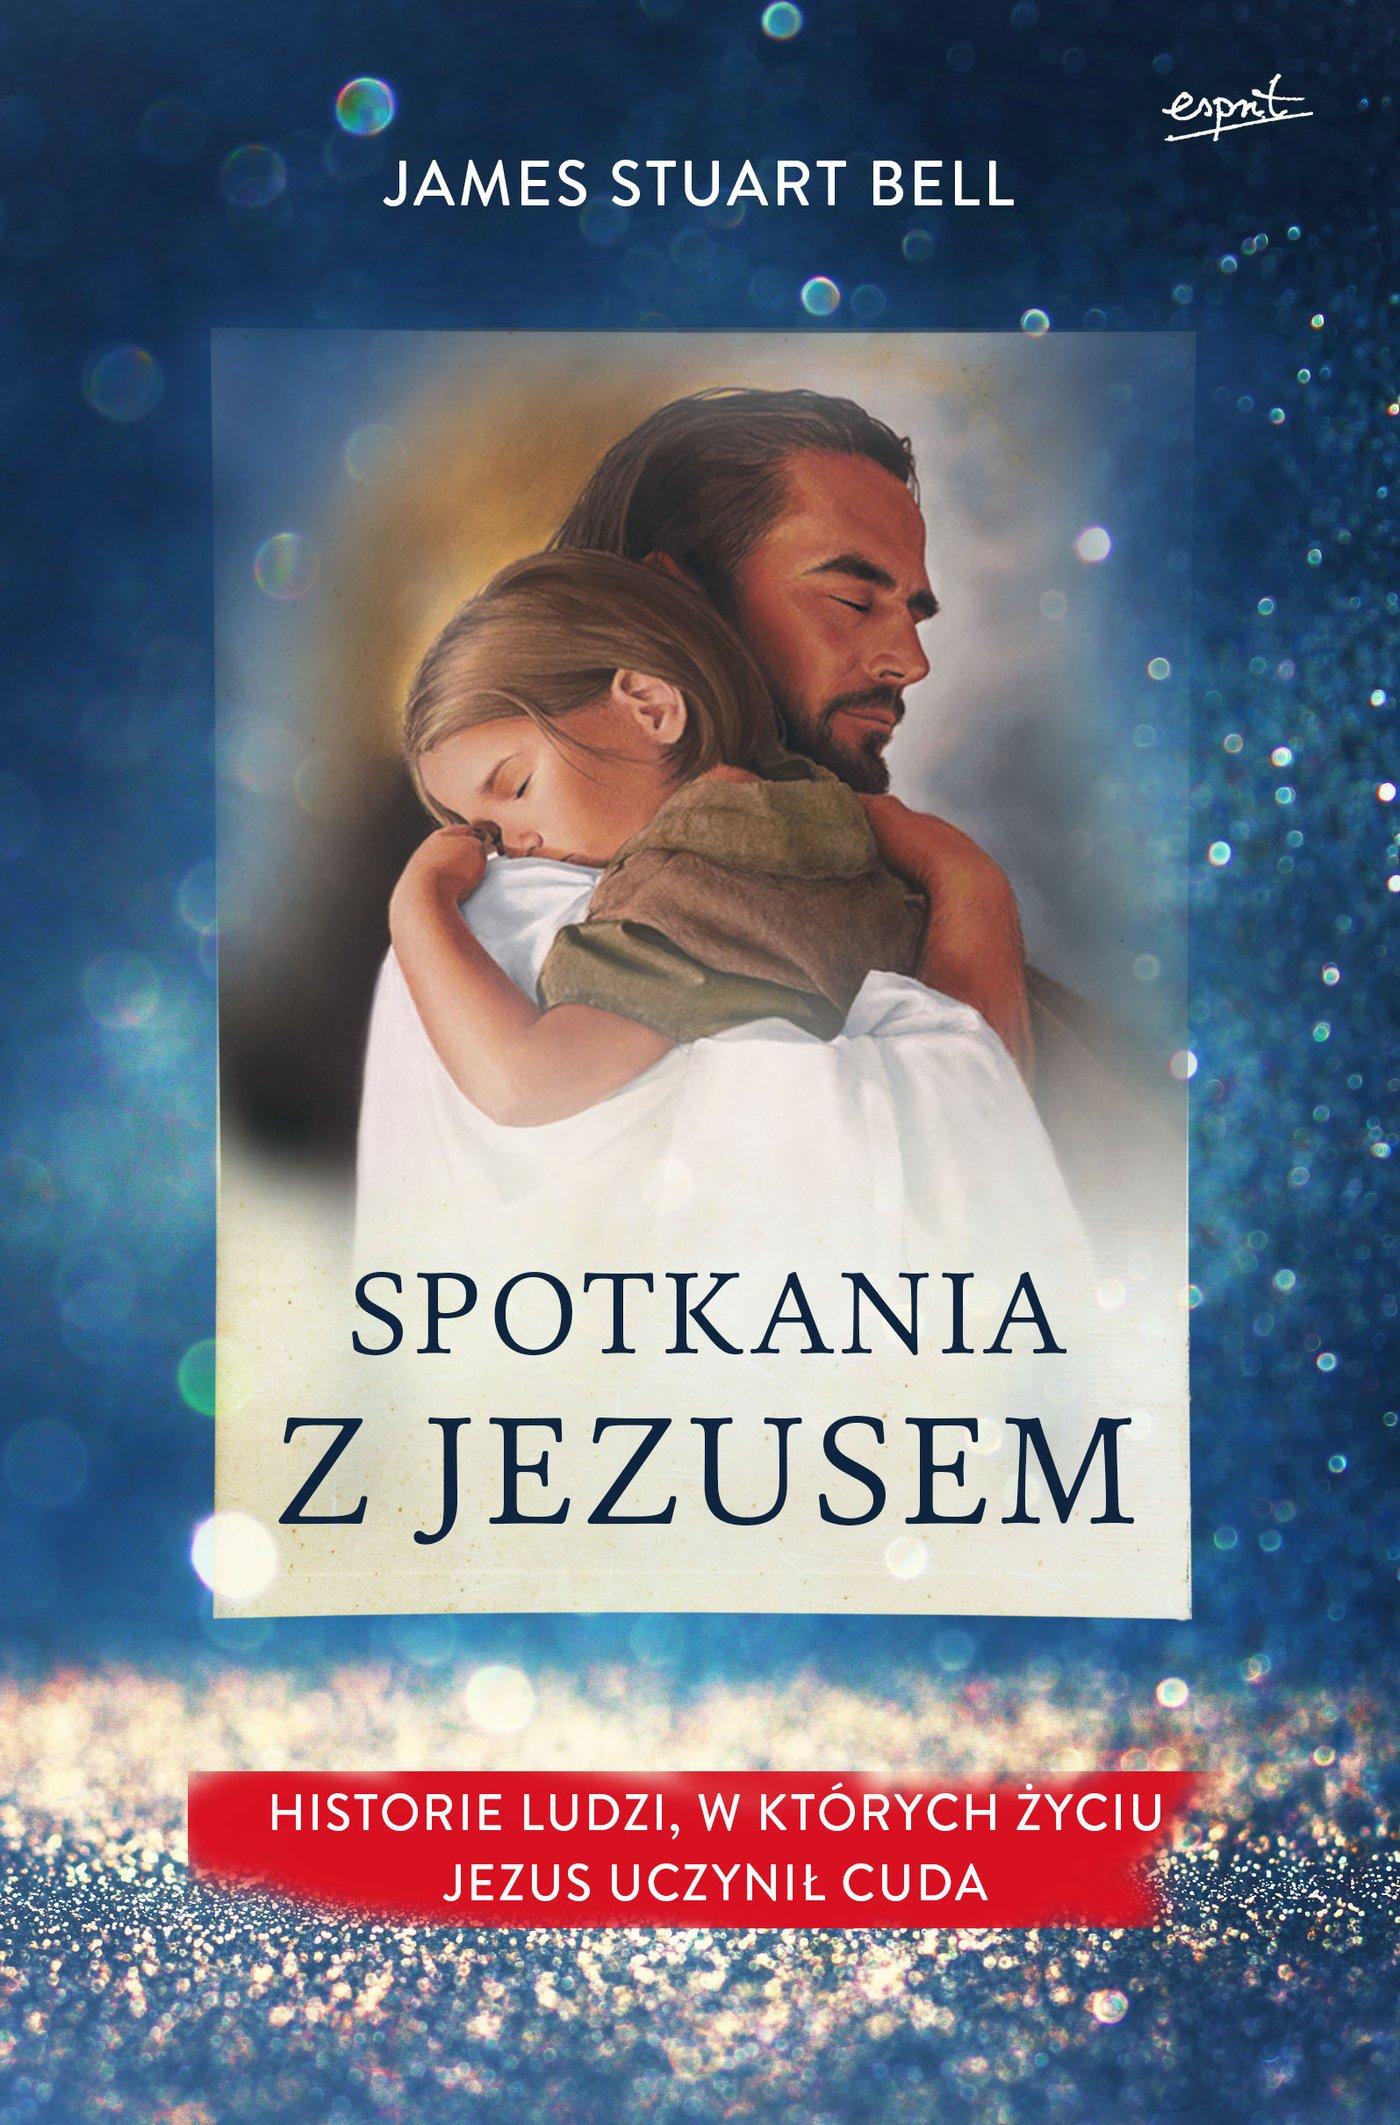 Spotkania z Jezusem - Ebook (Książka EPUB) do pobrania w formacie EPUB